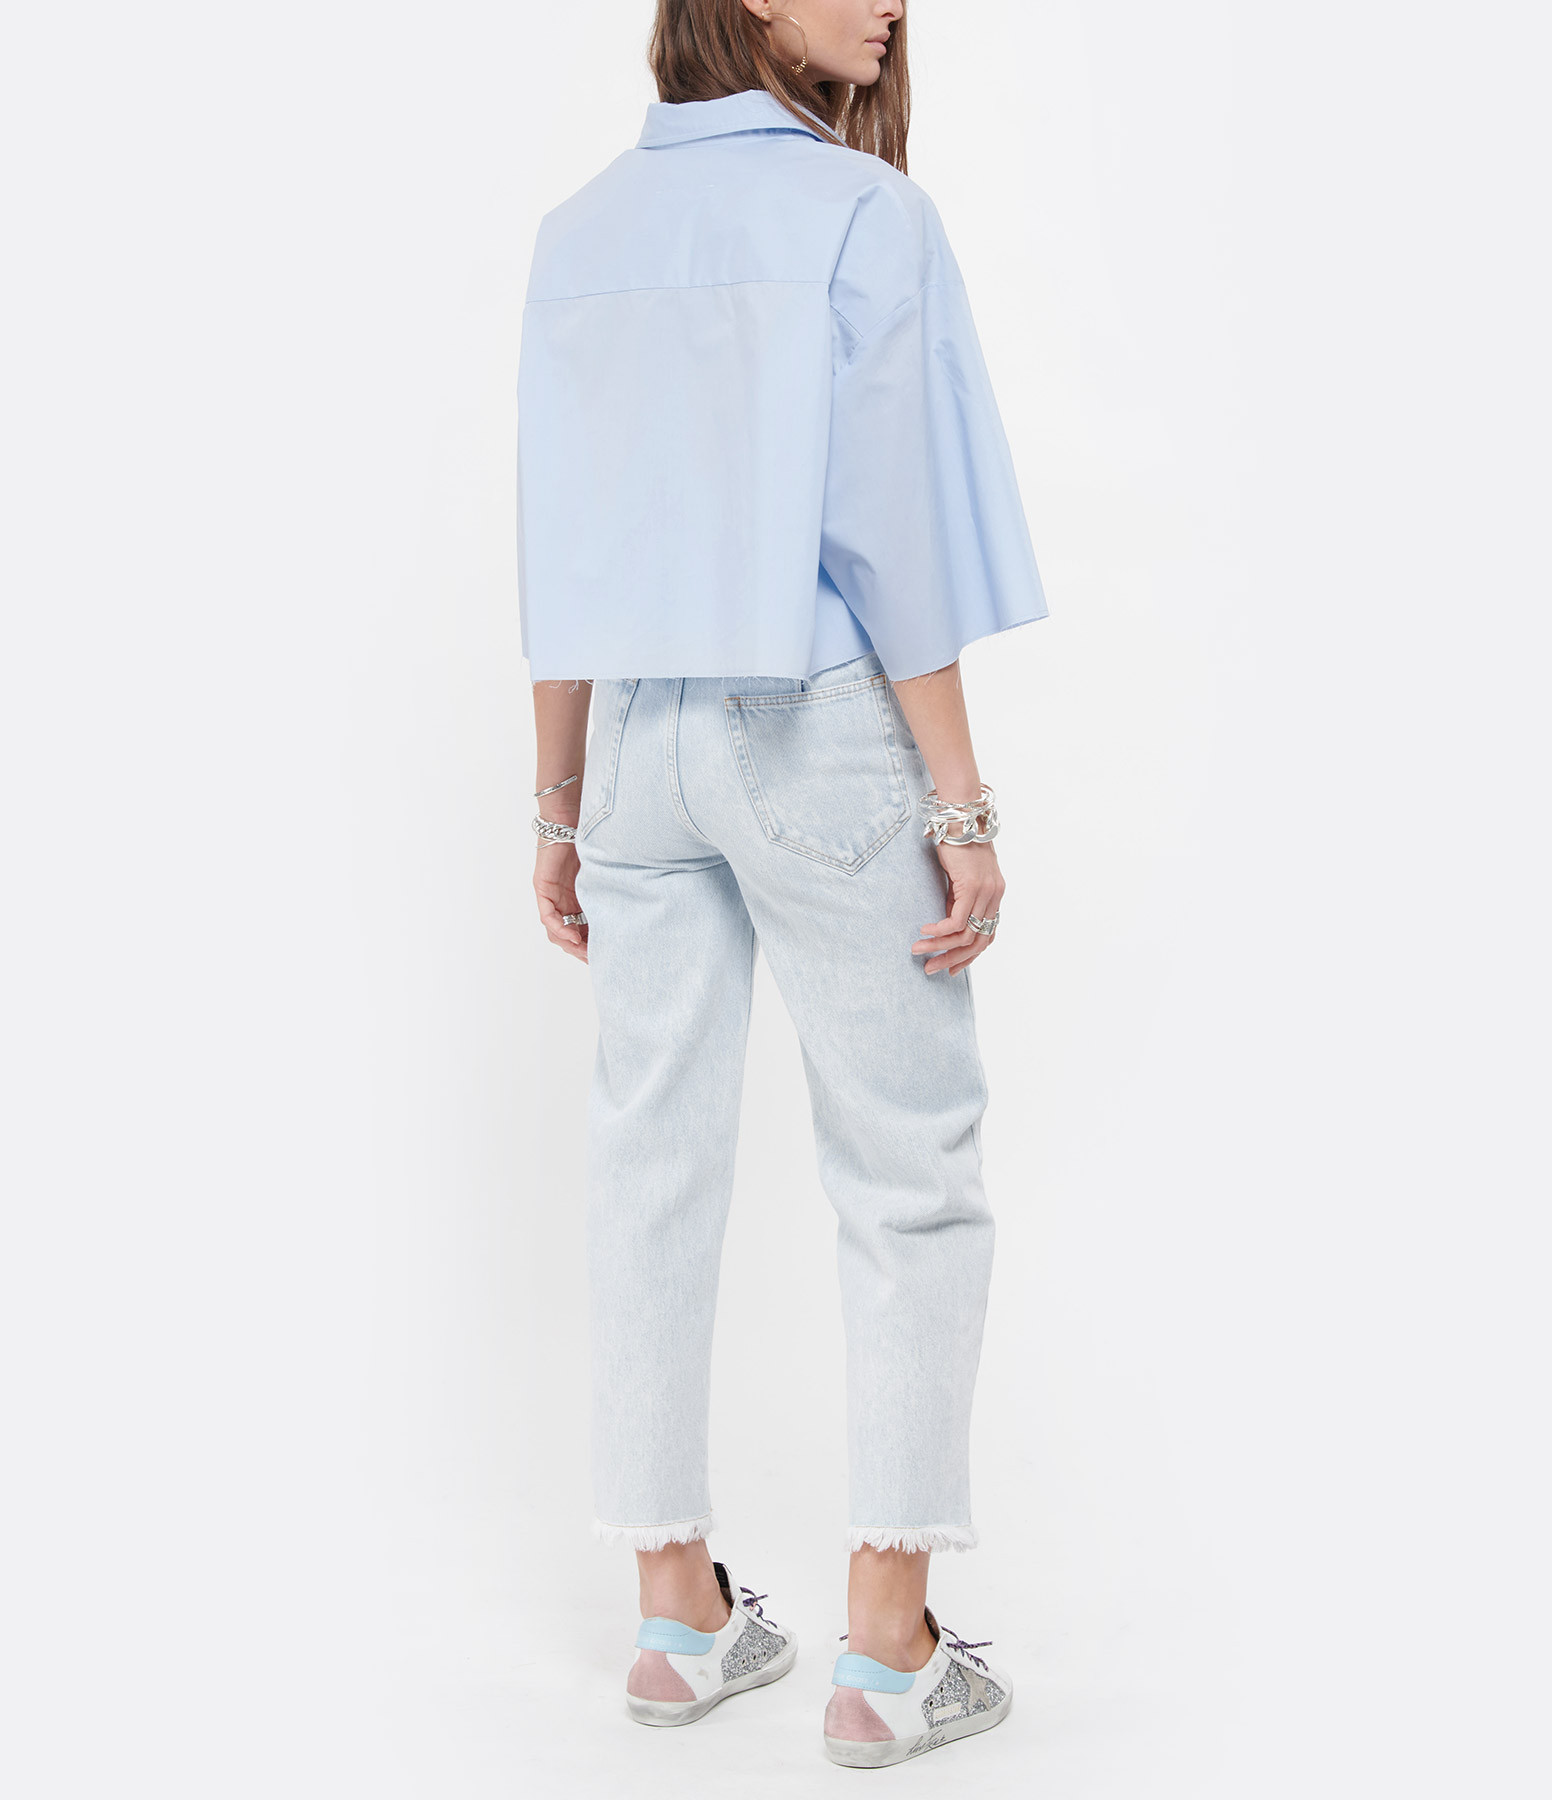 MM6 MAISON MARGIELA - Chemise Coton Nude Bleu Ciel, Collection Studio